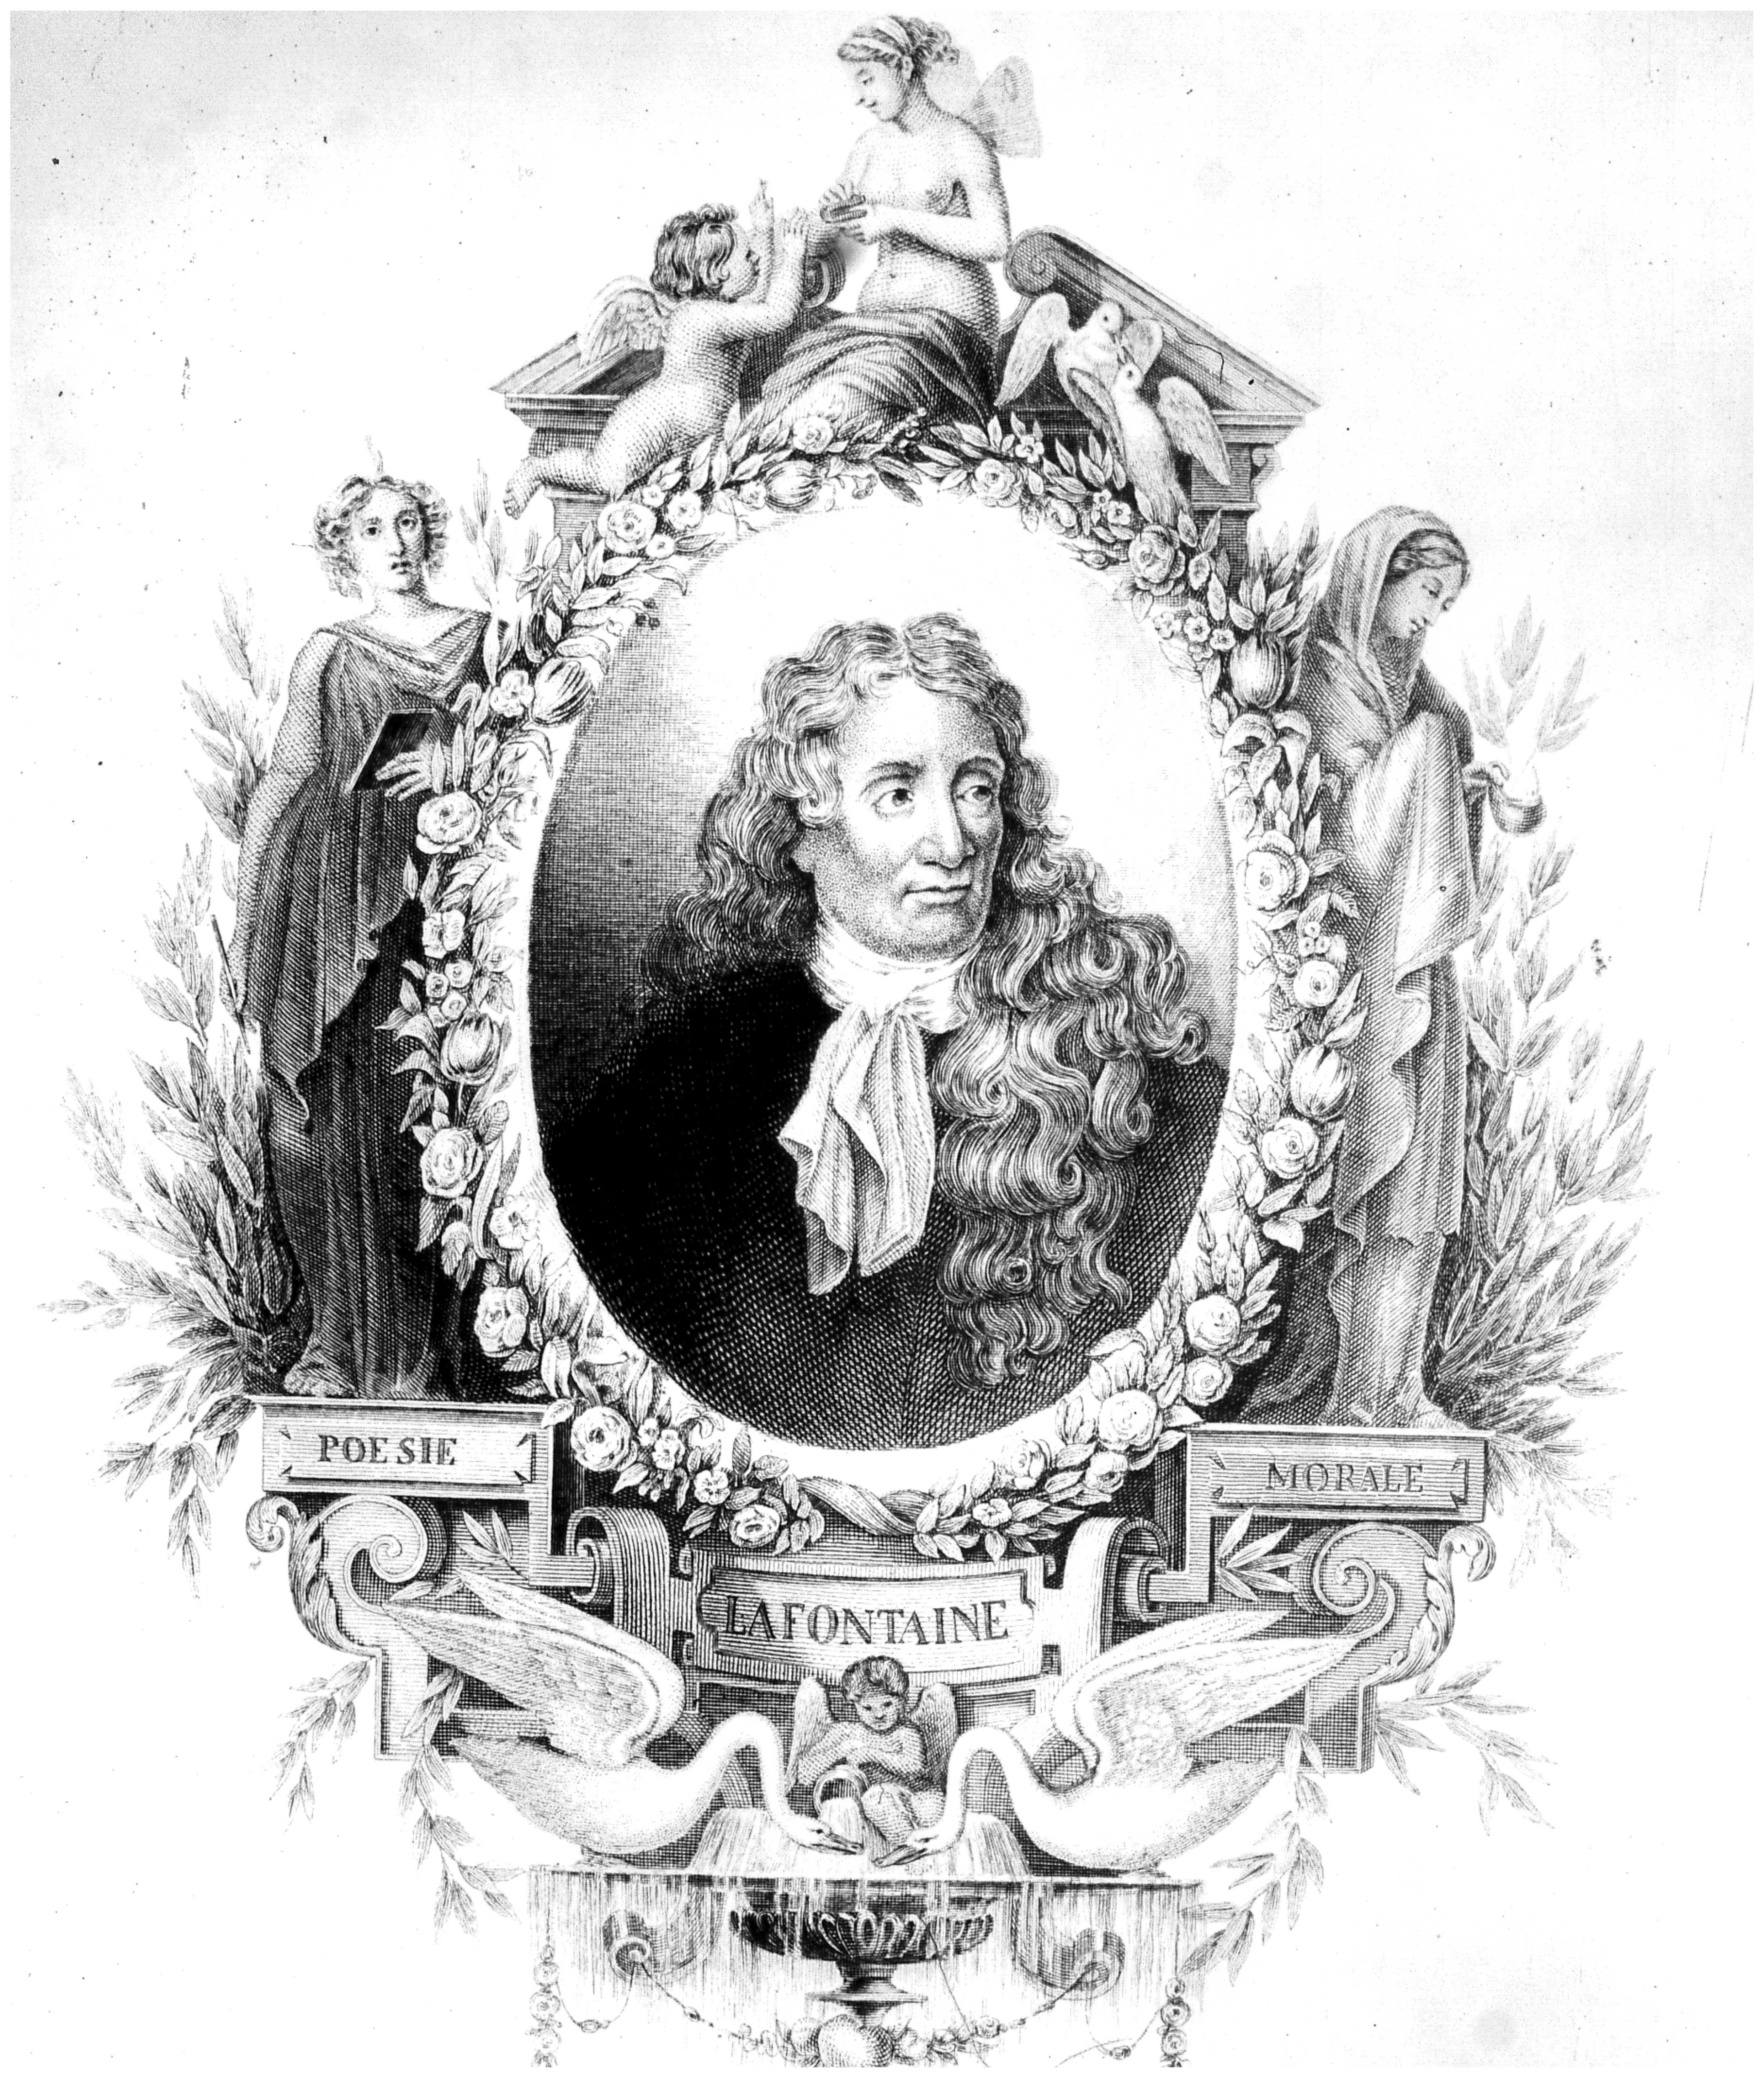 Filejean De La Fontaine Bmr96 Poésie Moralejpg Wikimedia